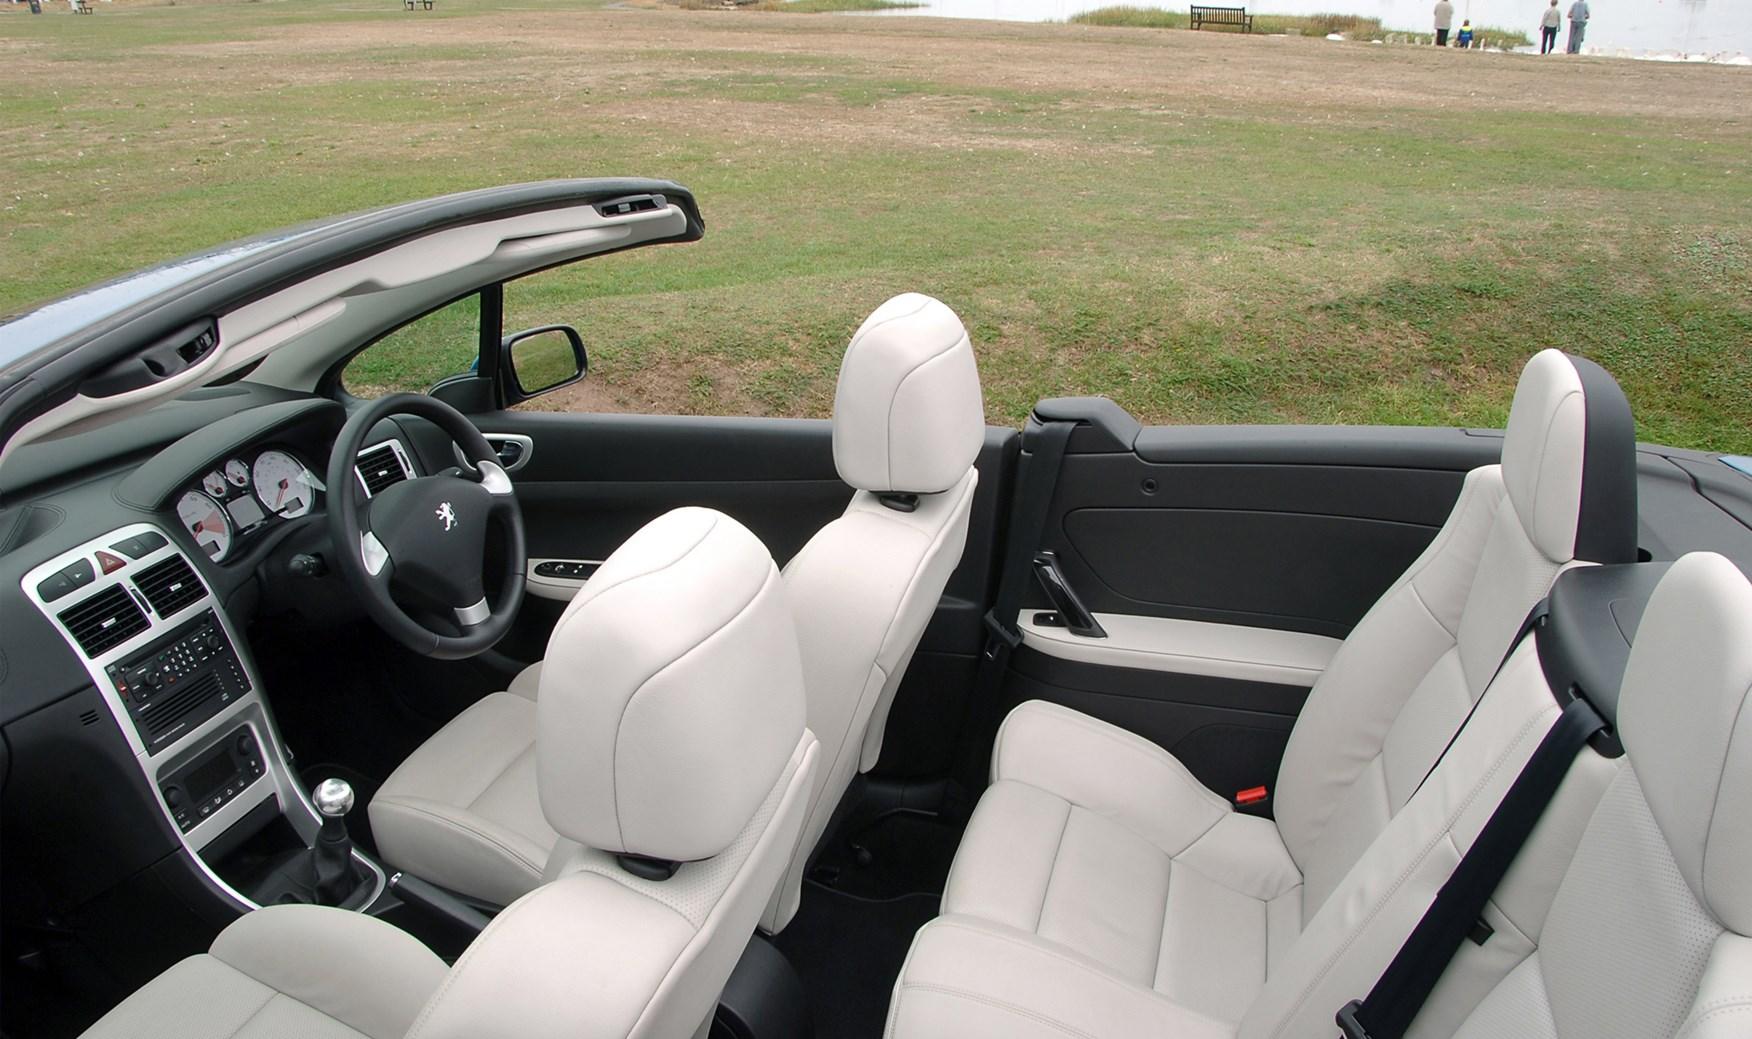 Peugeot 307 I 2001 - 2005 Cabriolet #1